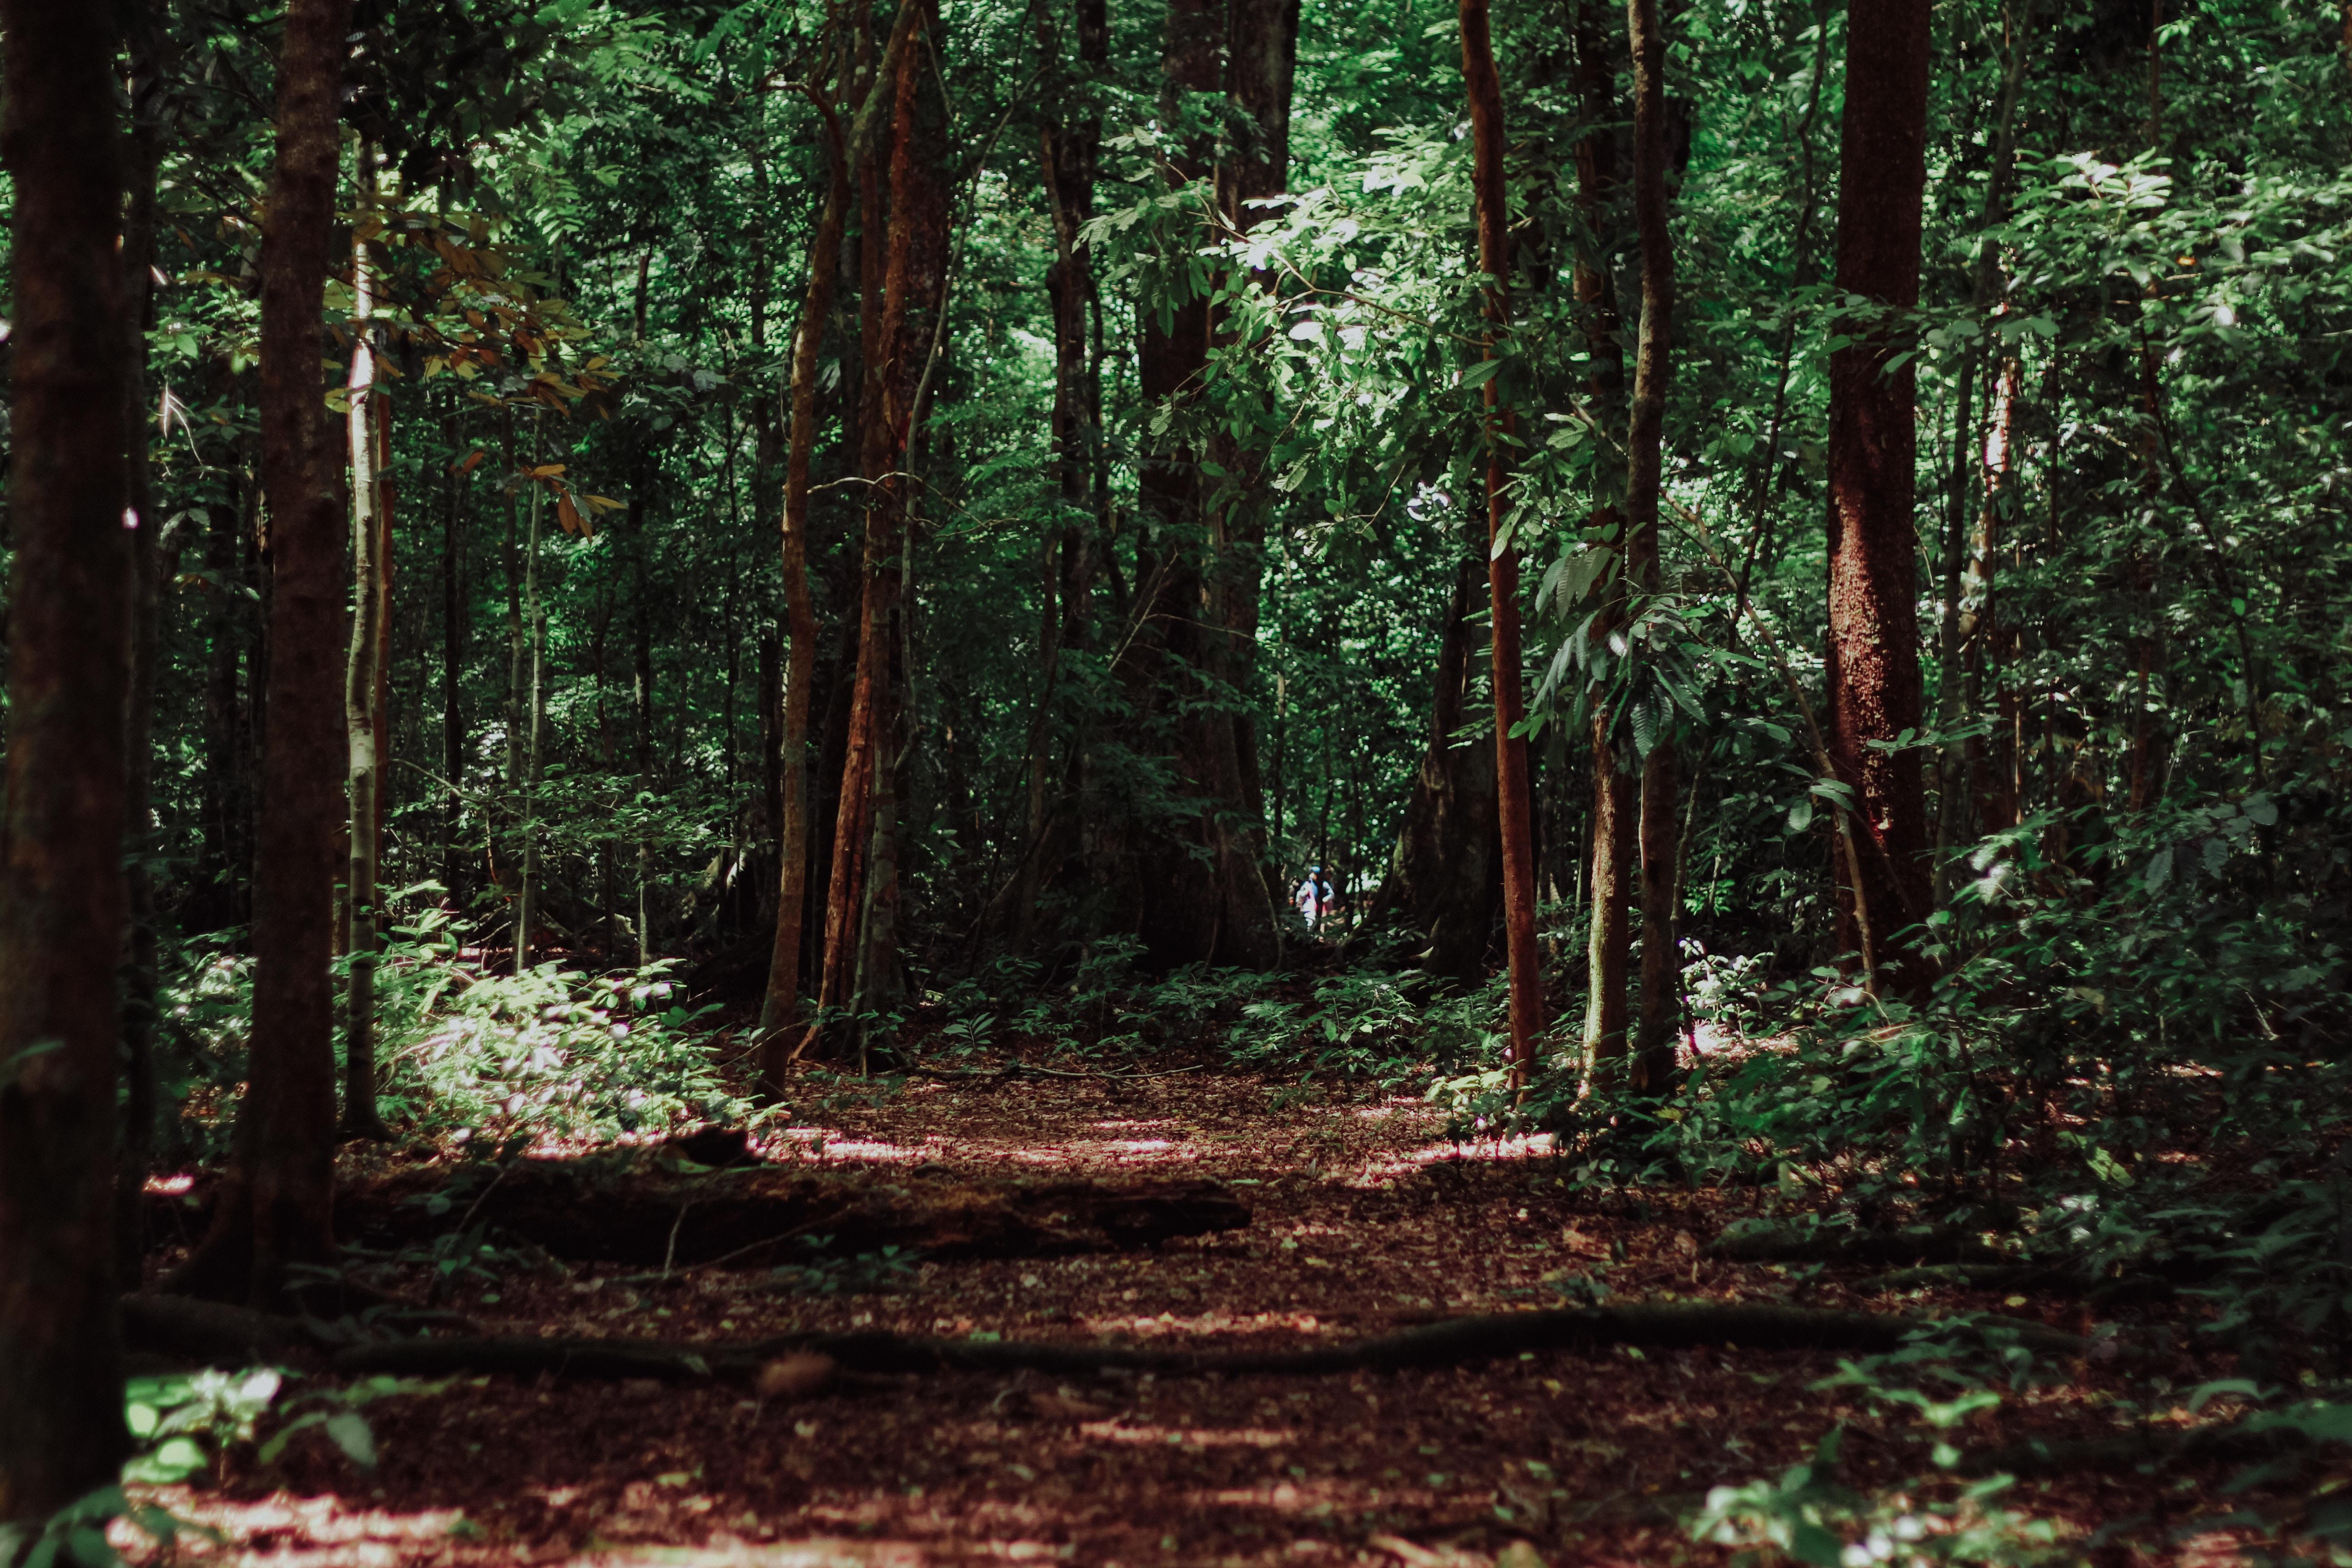 Barisan pepohonan di hutan | Foto: Imat Bagja Gumilar/Unsplash